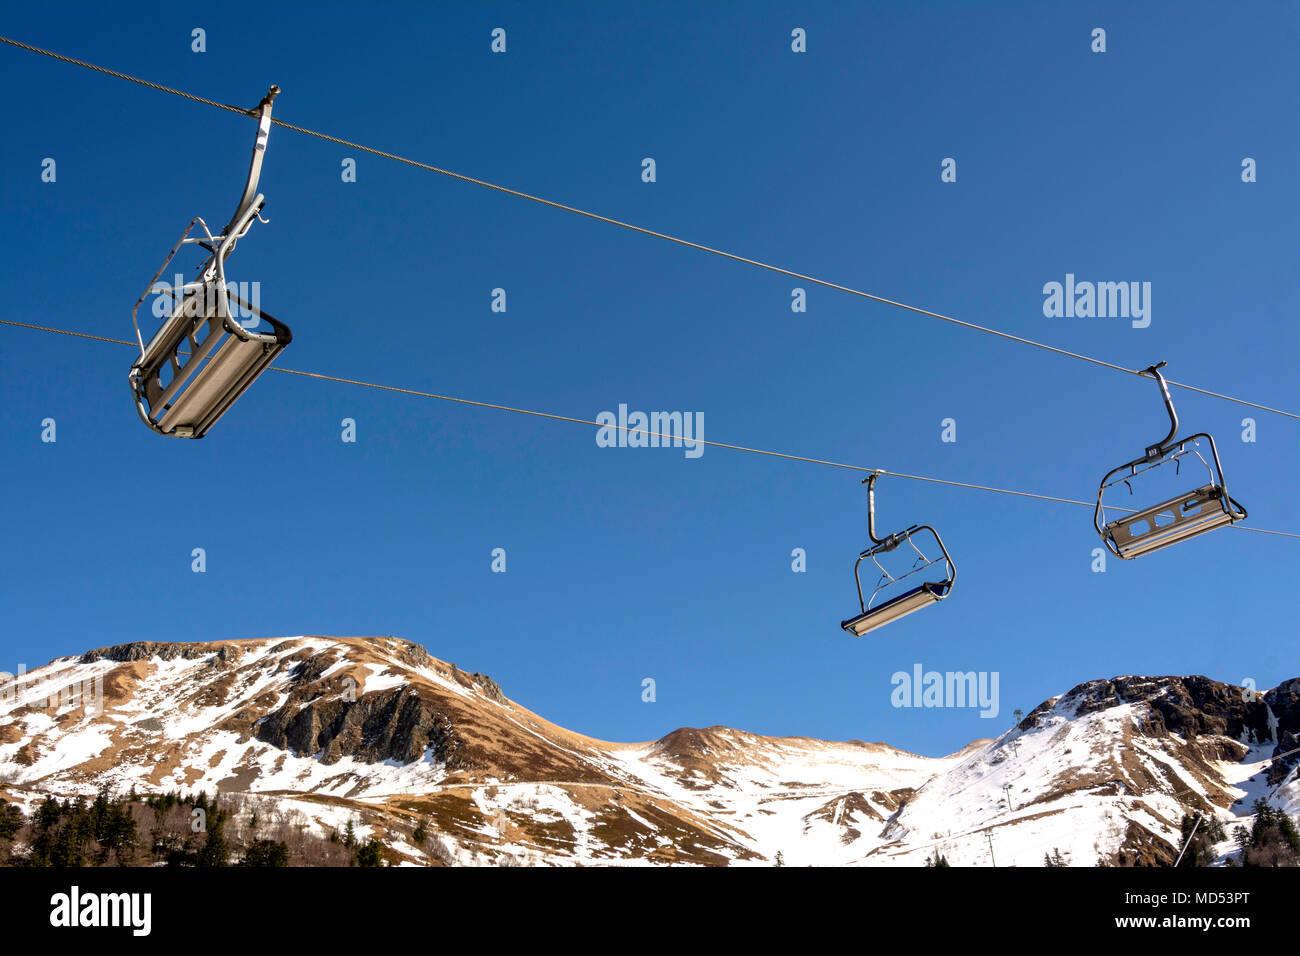 Télésiège et de manque de neige dans une station de ski d'Auvergne, Auvergne, France Photo Stock